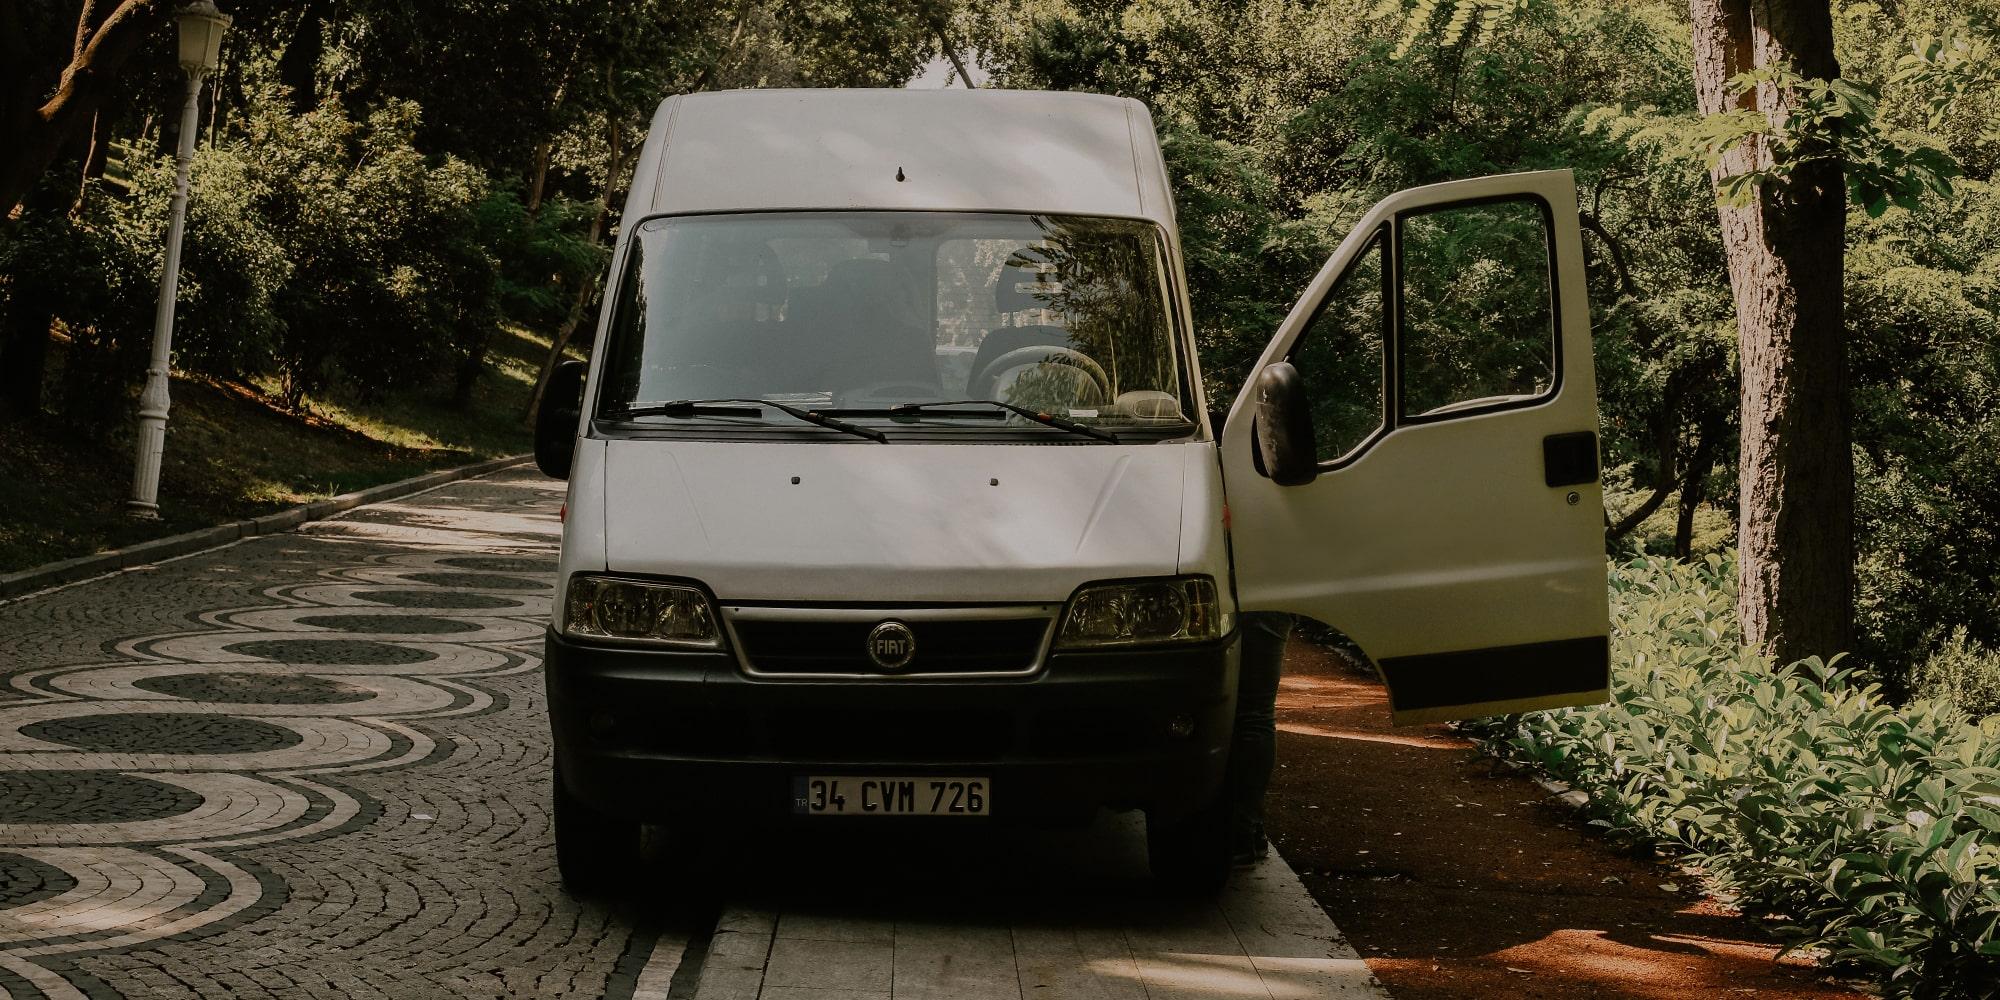 Karavan dönüșümü için panelvan minibüs seçimi